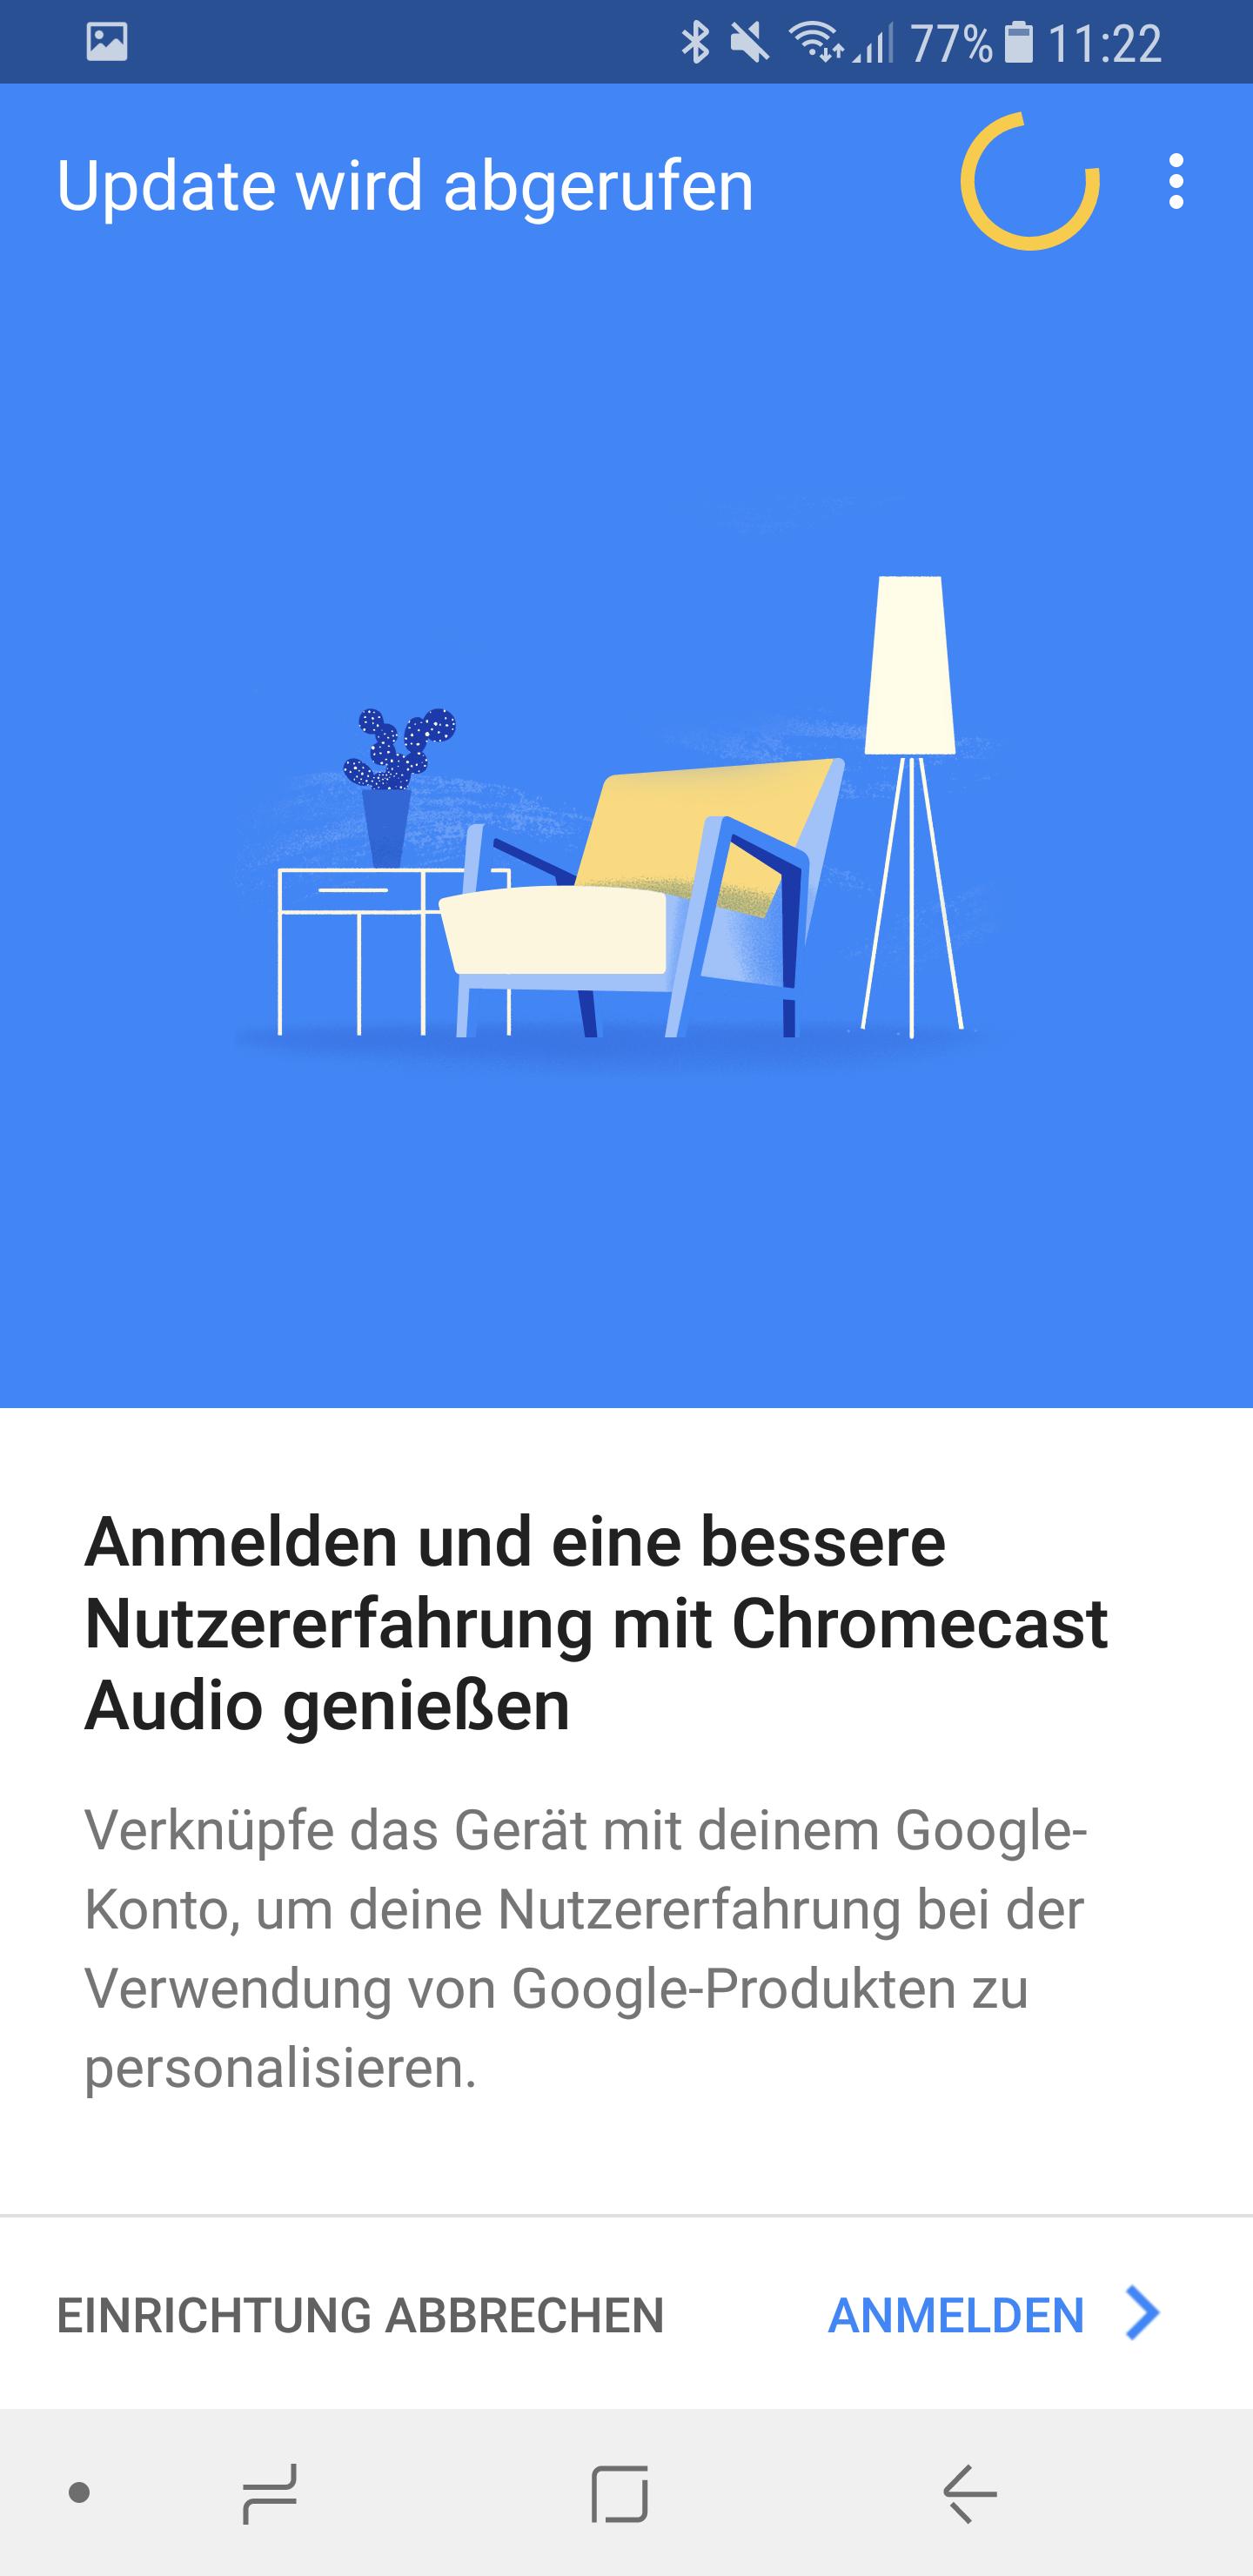 Google-Chromecast-Audio-einrichten-11